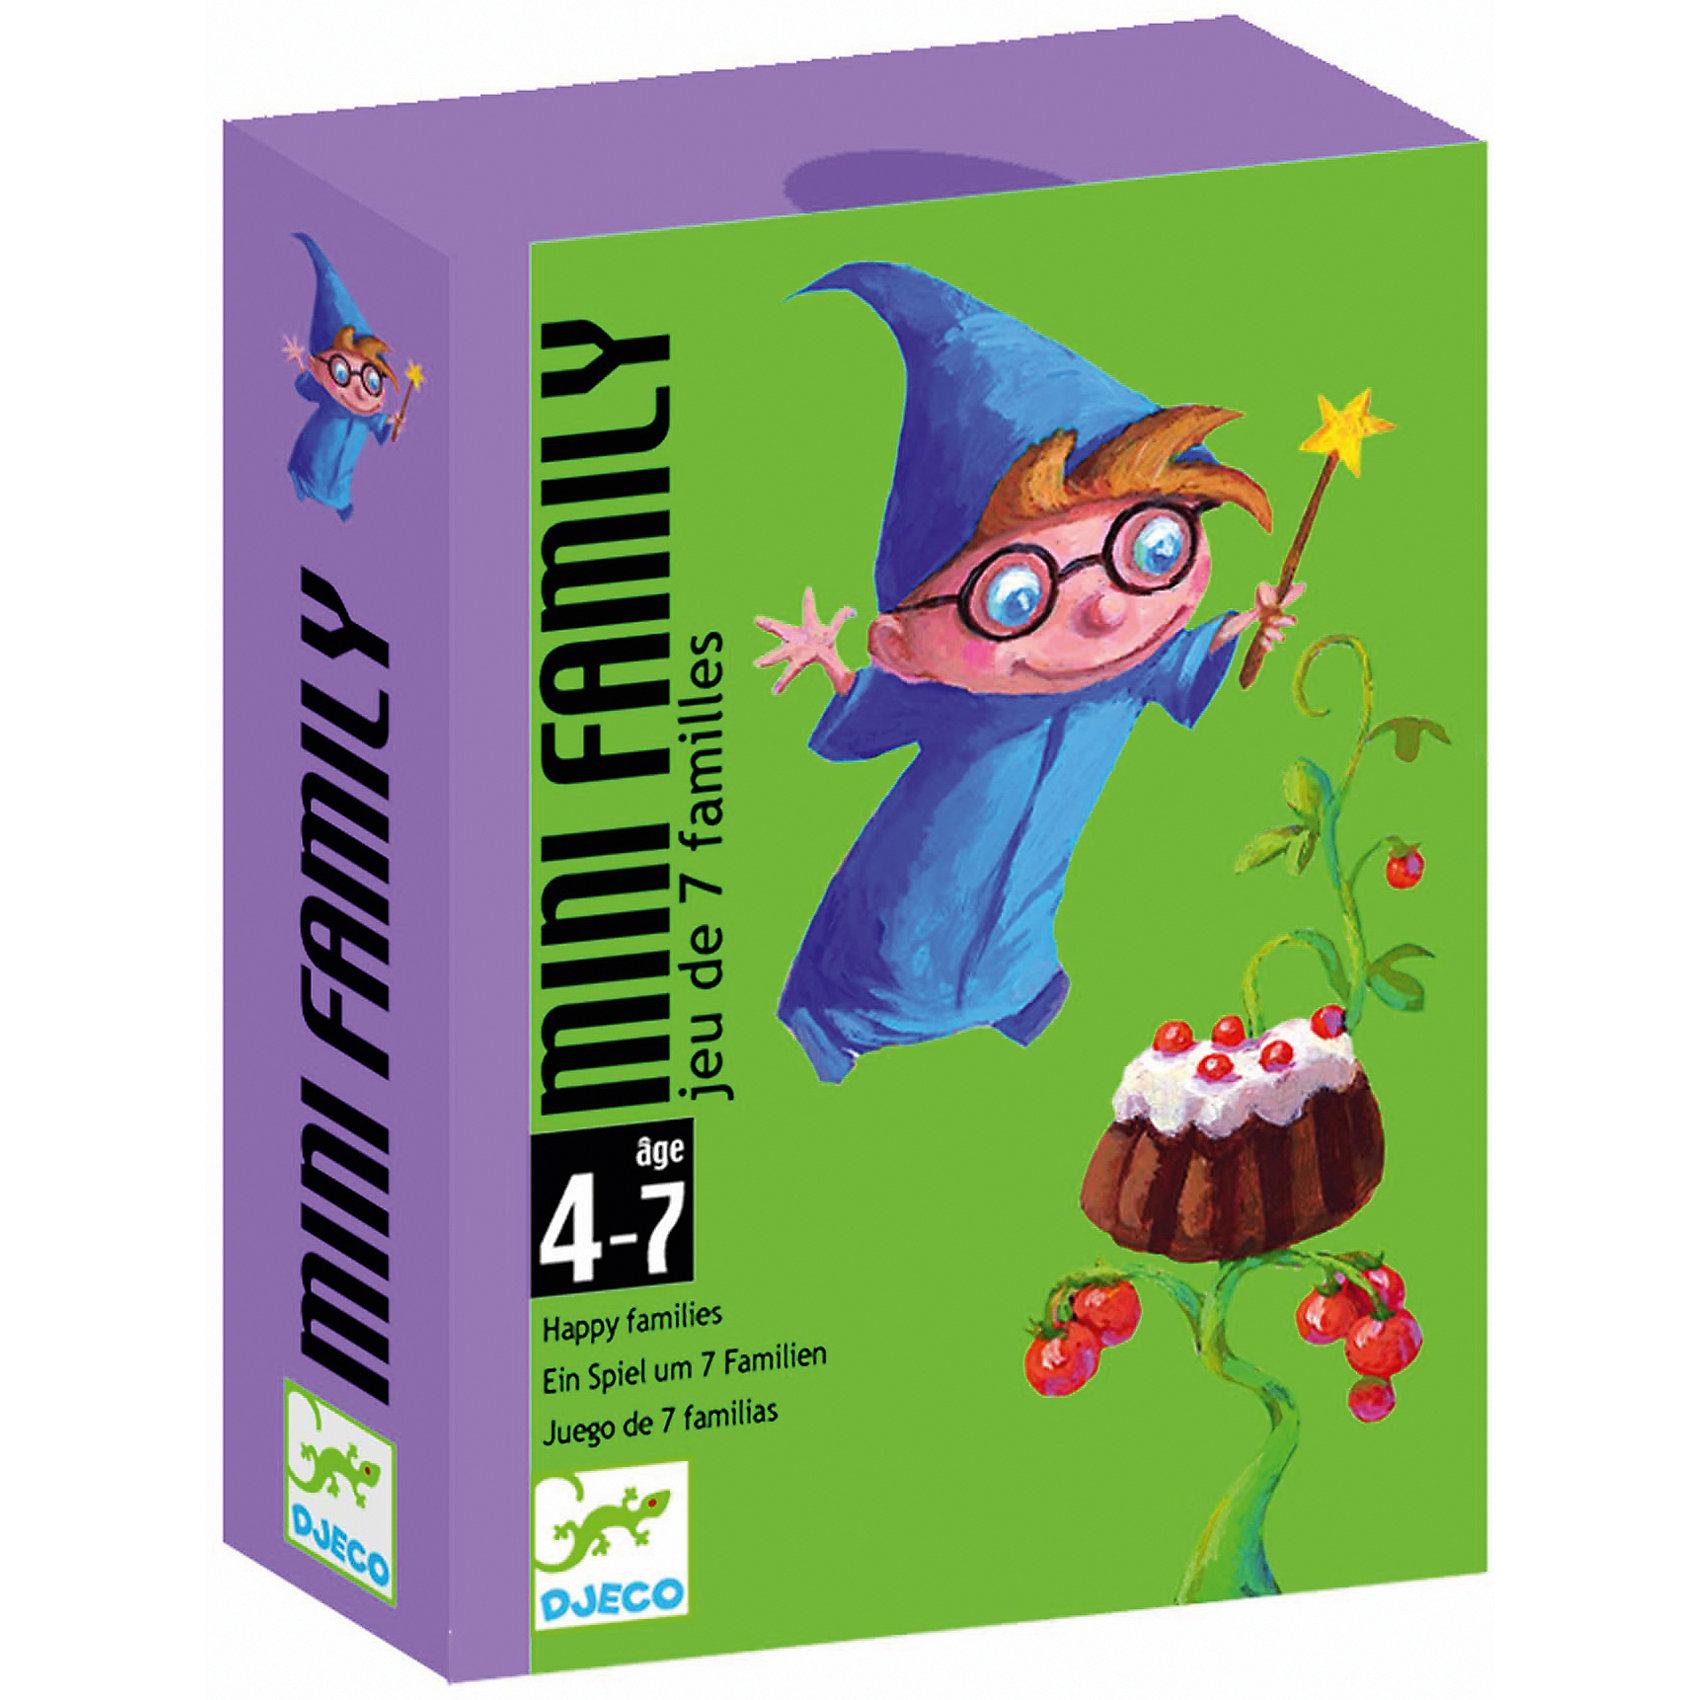 Настольная игра Мини-семья, DJECOКарточные игры<br>Детская карточная игра Мини-семья от DJECO (Джеко).<br><br>Цель игры: собрать как можно больше семейств. Каждое семейство состоит из 4 карт. Всего в наборе 28 карт (7 семейств). <br><br>Игрокам раздаётся по пять карт. Используя карты из общей колоды и карты соперников, необходимо собрать как можно больше семейств.<br><br>Дополнительная информация:<br><br>Количество игроков: 2-4.<br>Размер упаковки (д/ш/в): 8,5 х 1,8 х 11,7 см.<br><br>Игра направлена на развитие логического мышления. Понравится как детям, так и взрослым.<br><br>Ширина мм: 85<br>Глубина мм: 28<br>Высота мм: 117<br>Вес г: 300<br>Возраст от месяцев: 36<br>Возраст до месяцев: 84<br>Пол: Унисекс<br>Возраст: Детский<br>SKU: 2199962